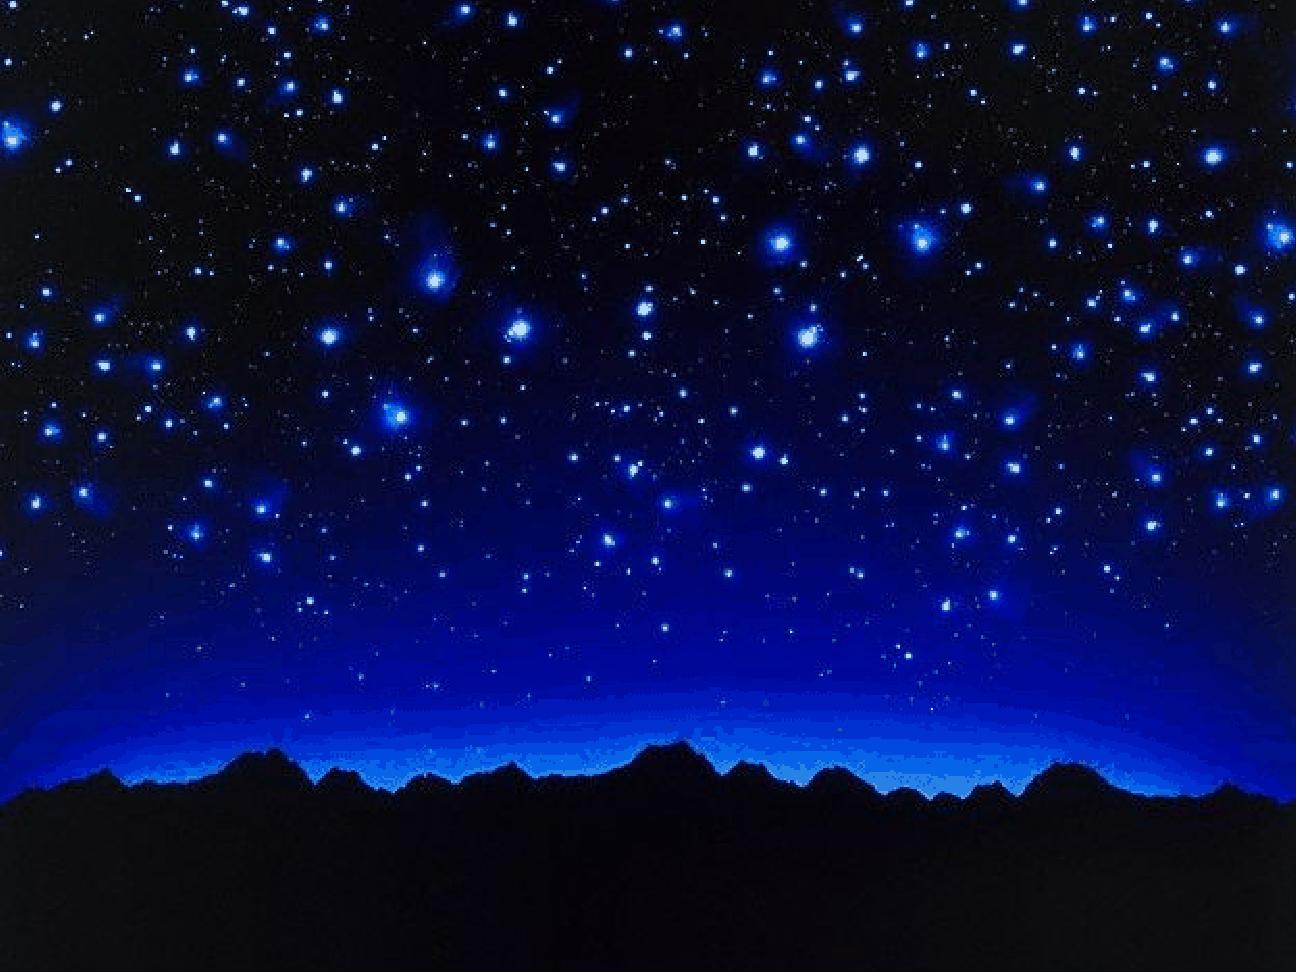 Hai visto? Consigli in merito a come fotografare le stelle di notte